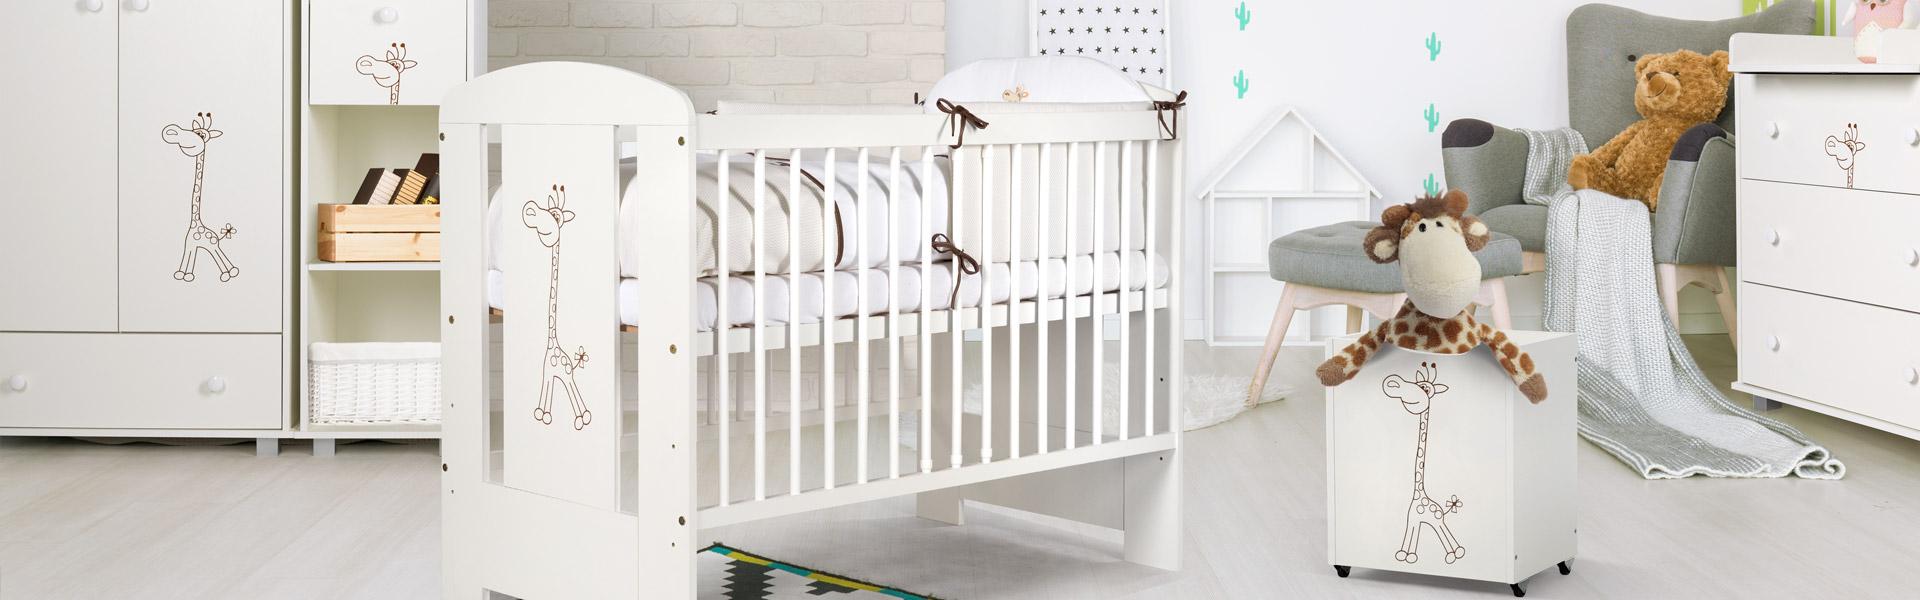 Children's furniture set